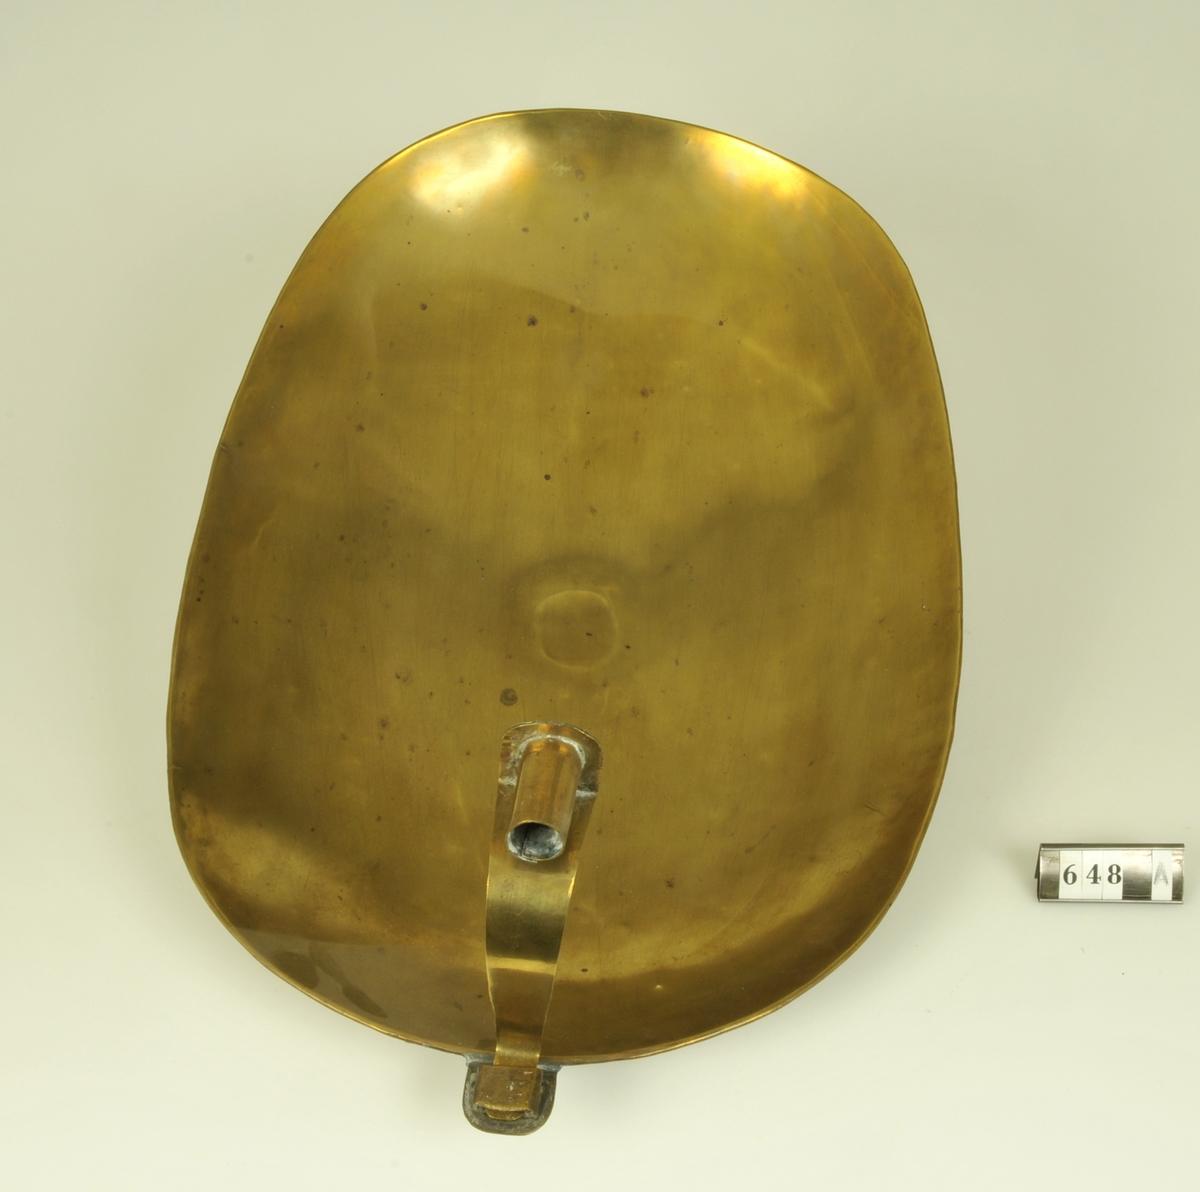 Släta, kupiga.  Har tillhört Jonas Alströmer 1685-1761.